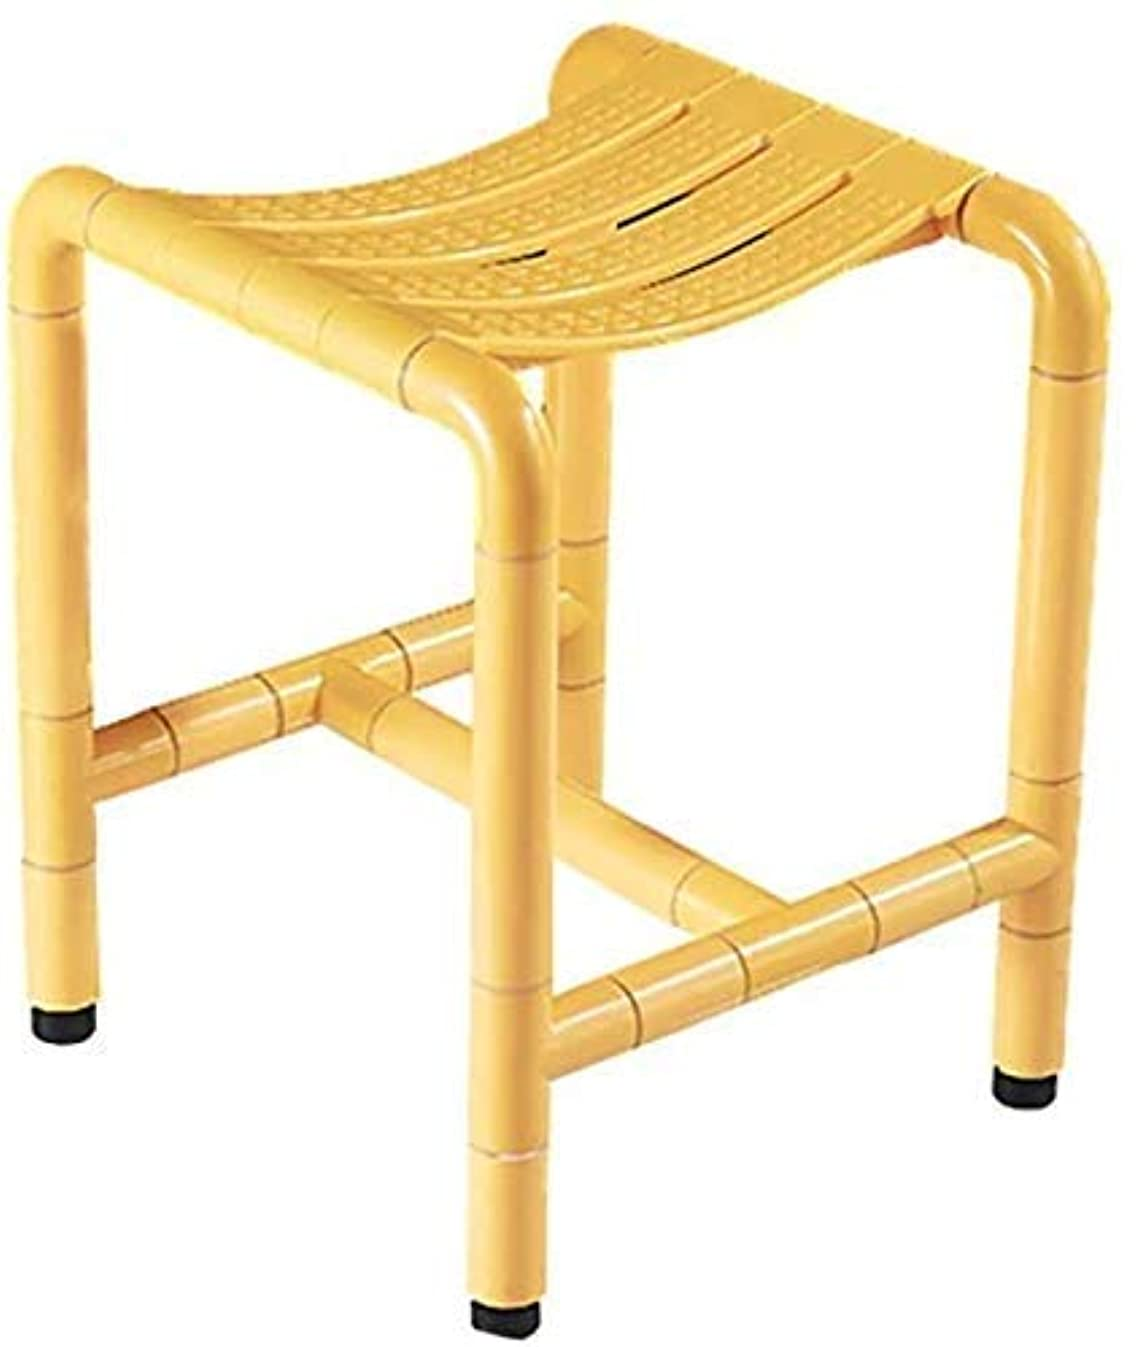 司令官モーテルモニターZYL-YL 椅子アームレストバスルームスツールステンレスノンスリップバスタブシートシャワー最大荷重:200キロ